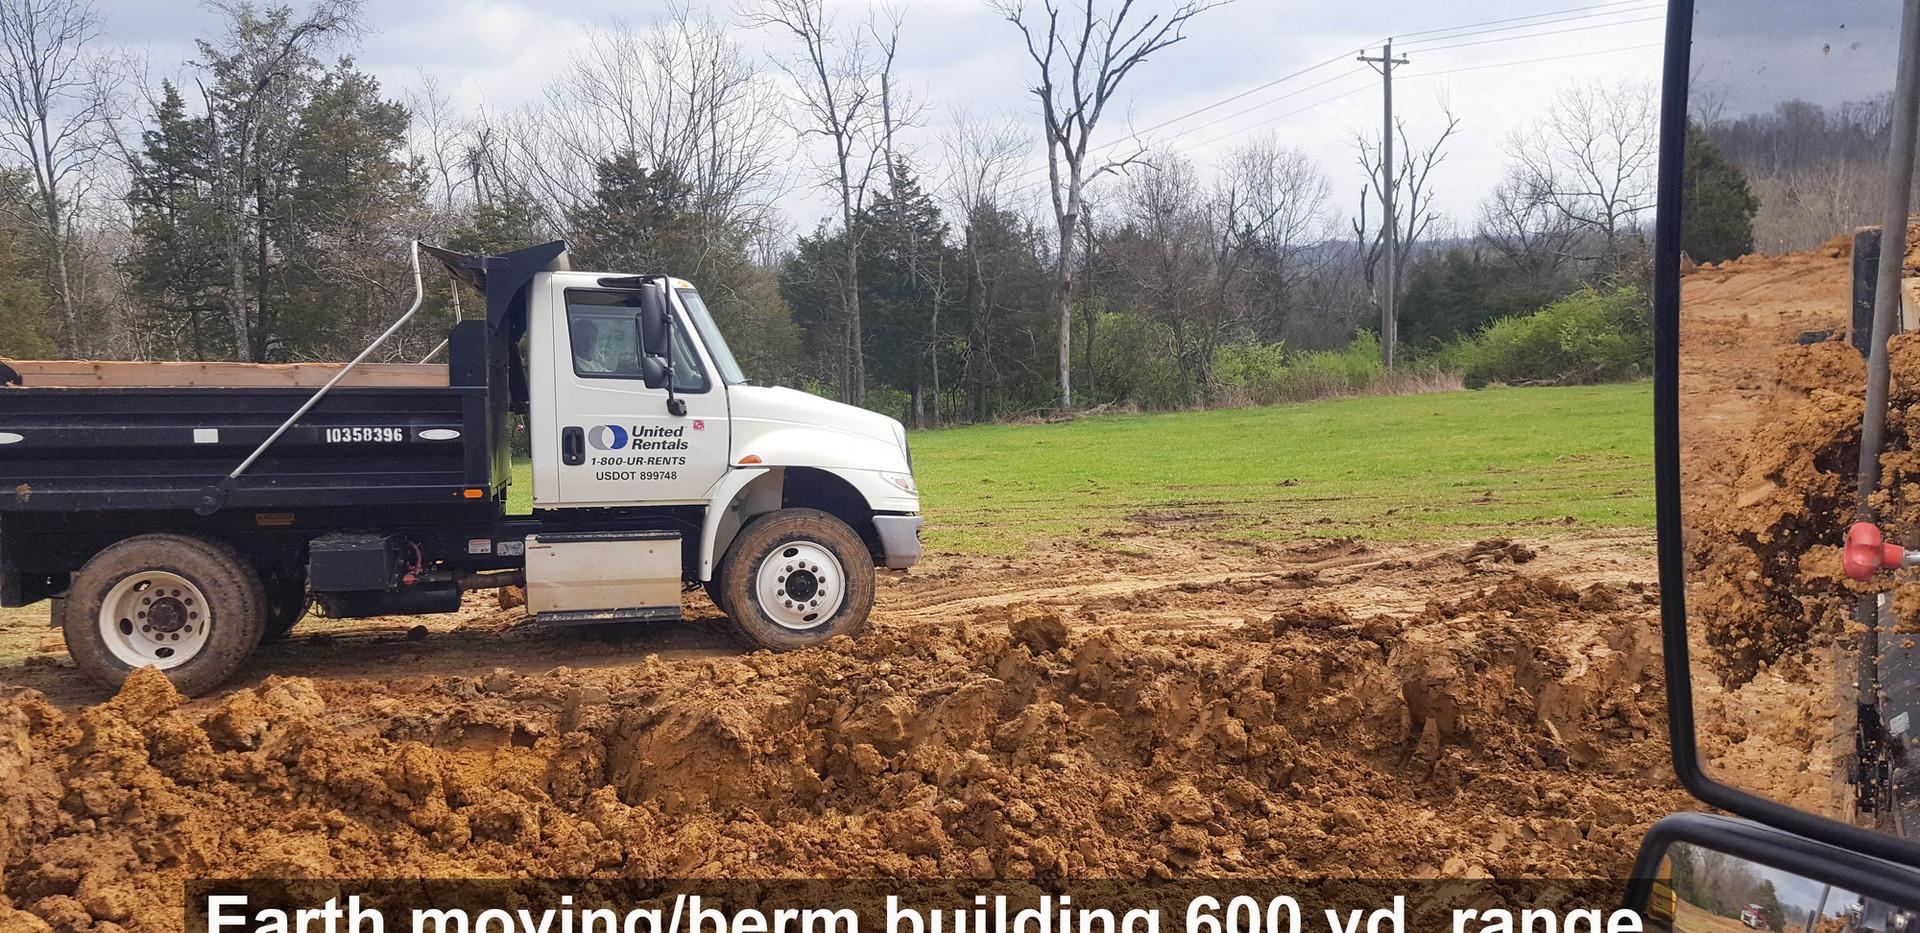 600_yard_range_work_006.jpg